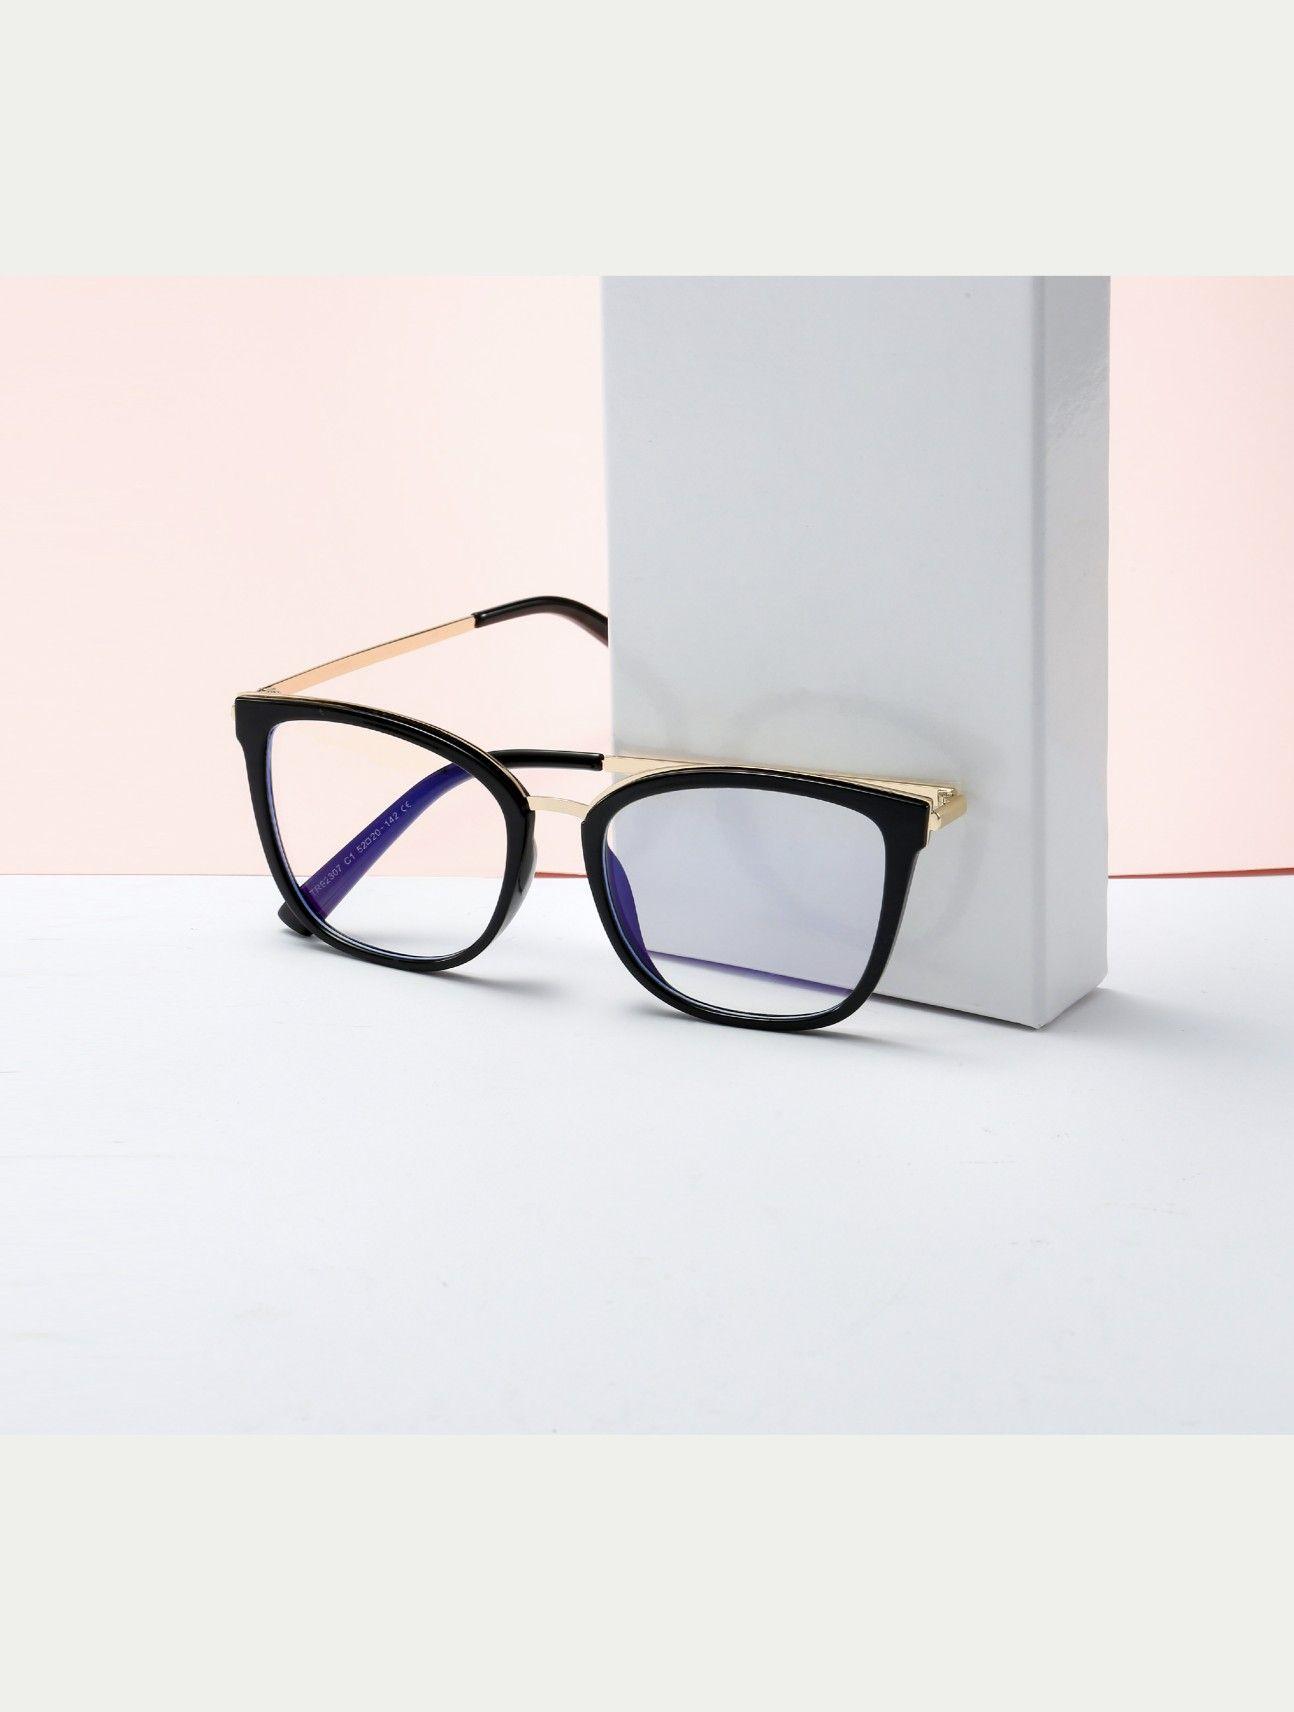 Gamer Glasses In 2020 Glasses Light Blue Cat Eye Glass